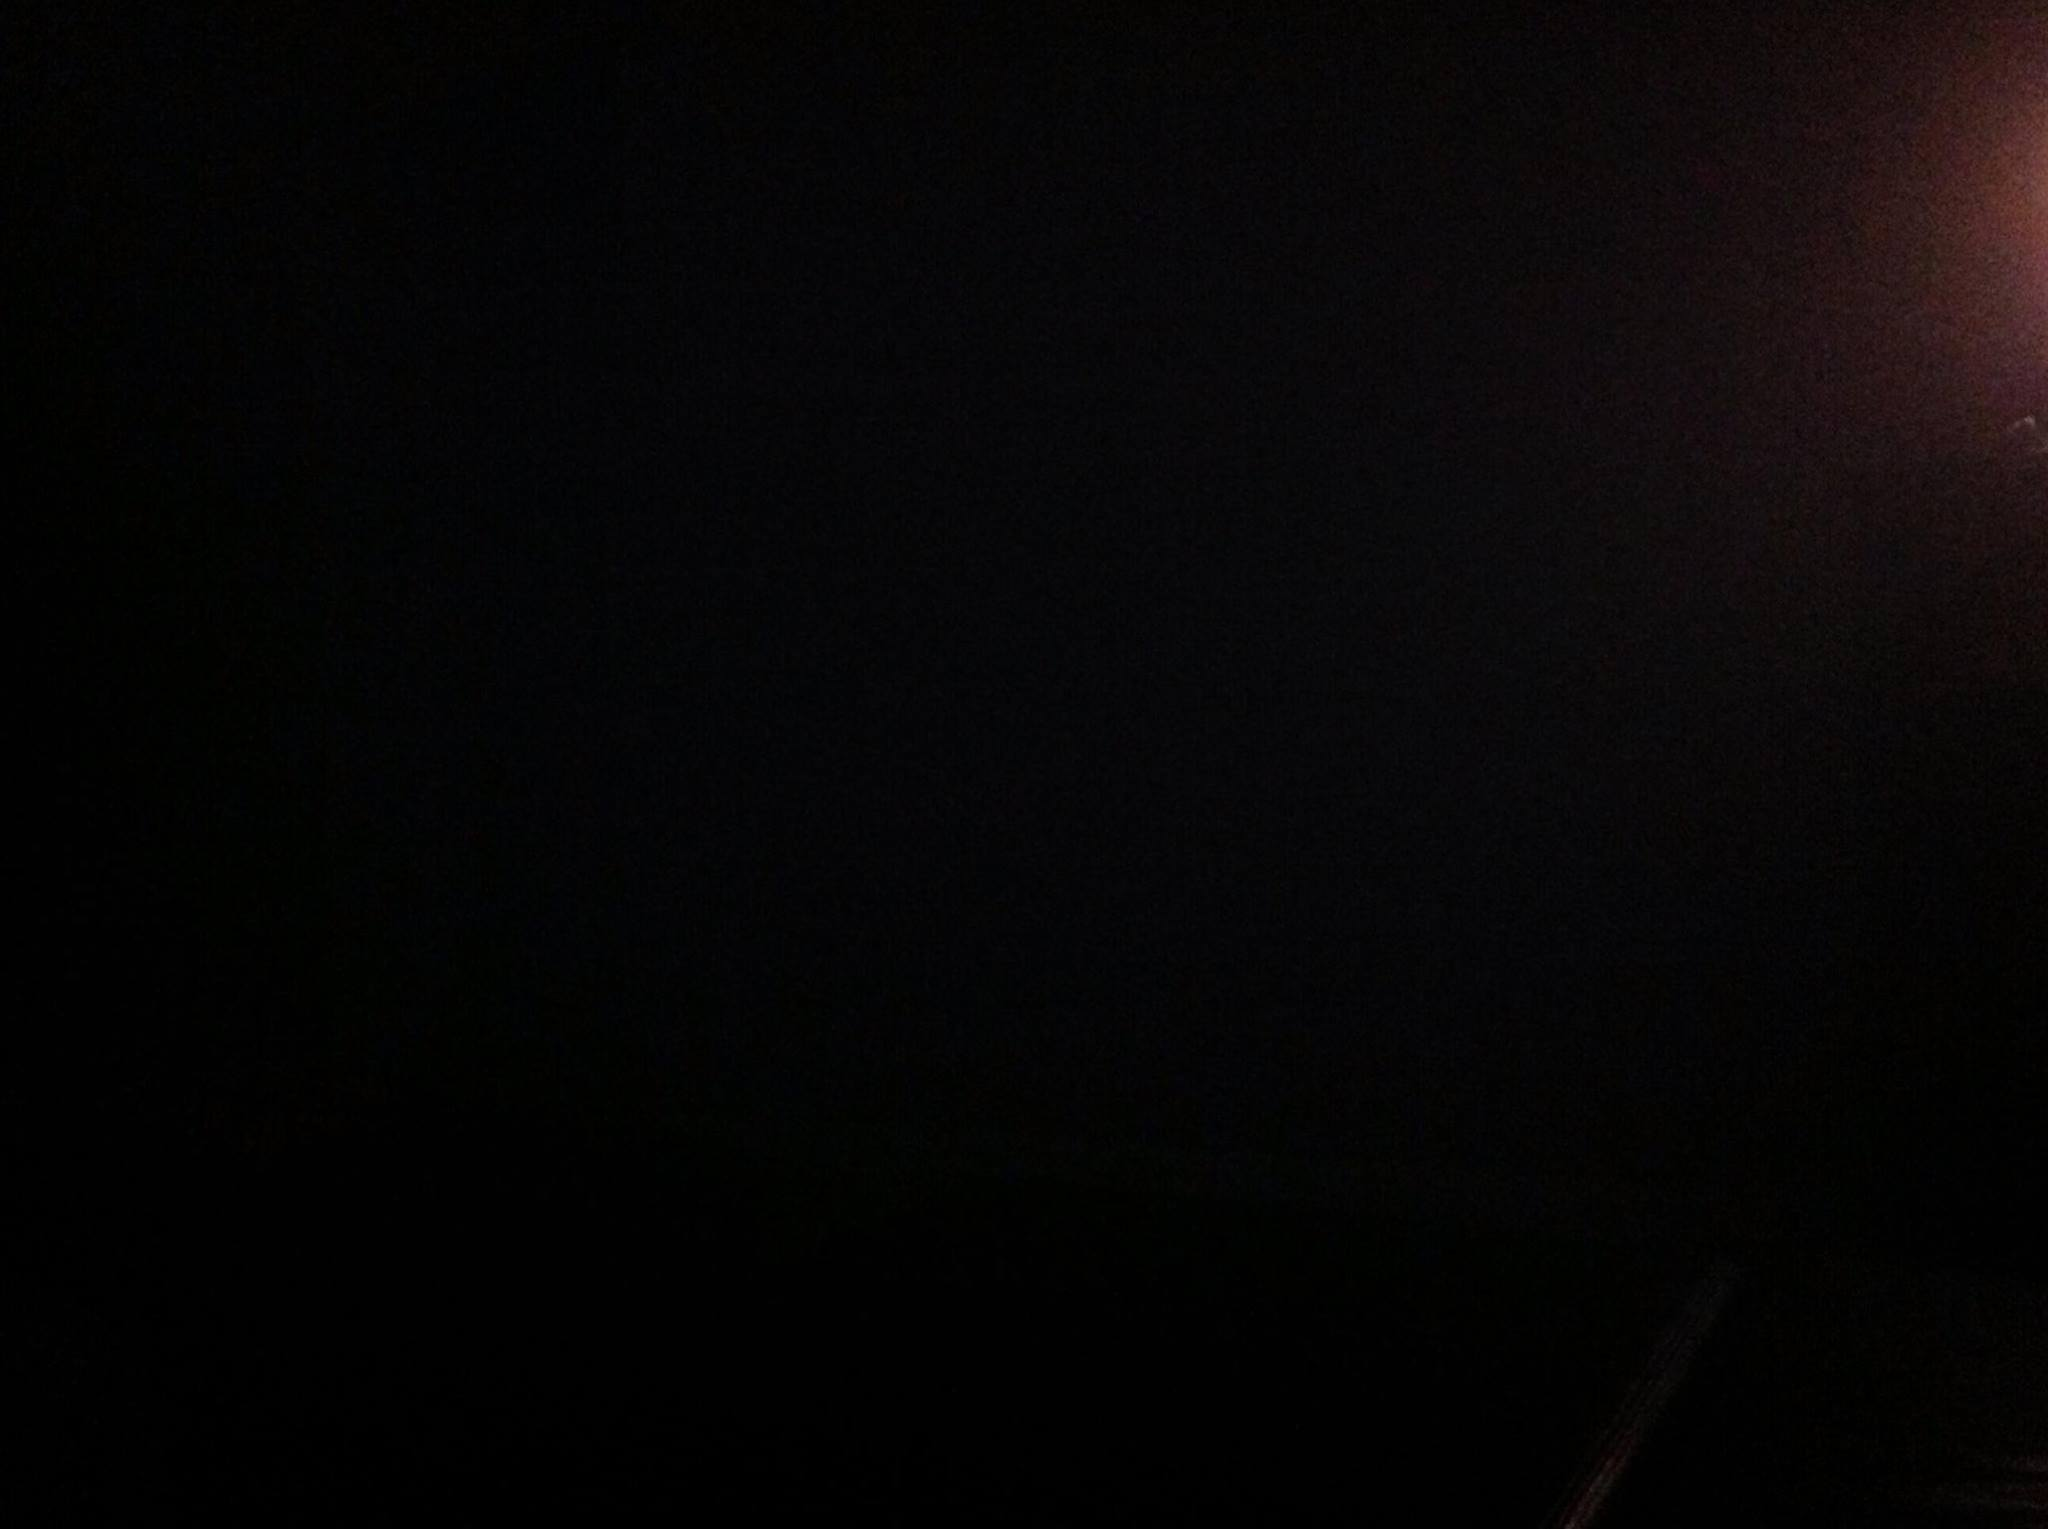 세계 최대 규모 '절전' 플래시몹 서울에서 열린다